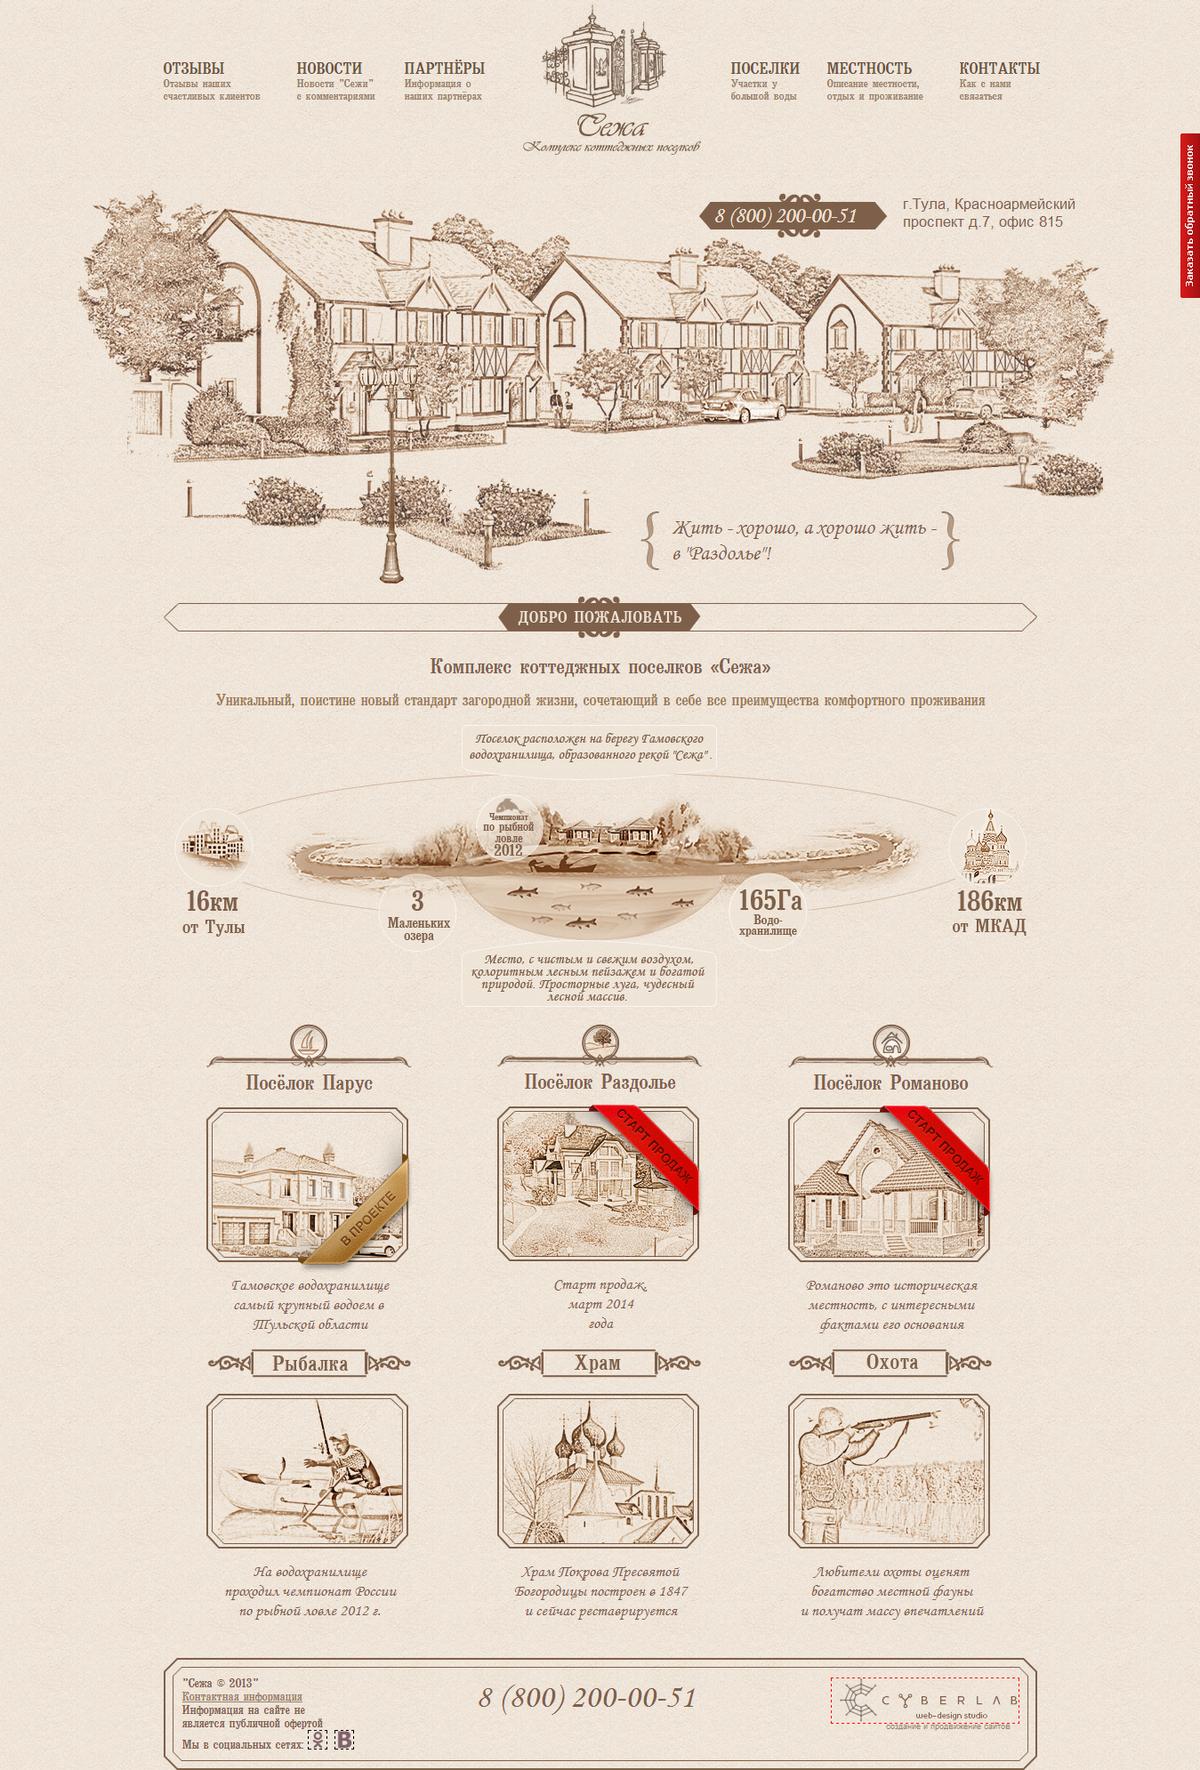 Комплекс коттеджных поселков «Сежа» / Проект компании Webcyberlab